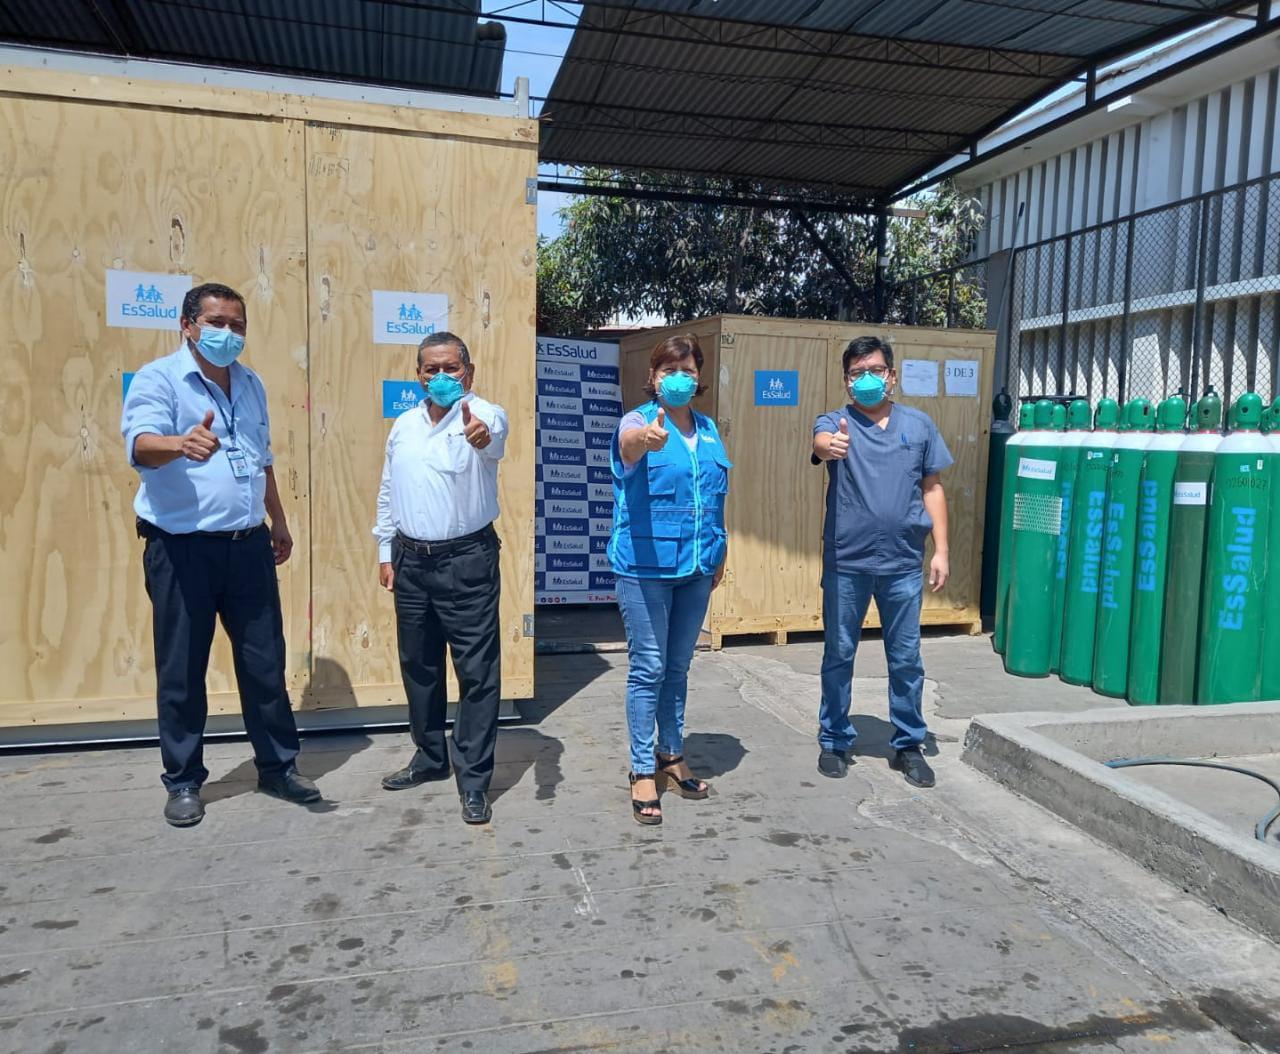 Essalud - Nueva planta de oxígeno medicinal abastecerá con este insumo al Hospital Félix Torrealva y a la Villa EsSalud Ica